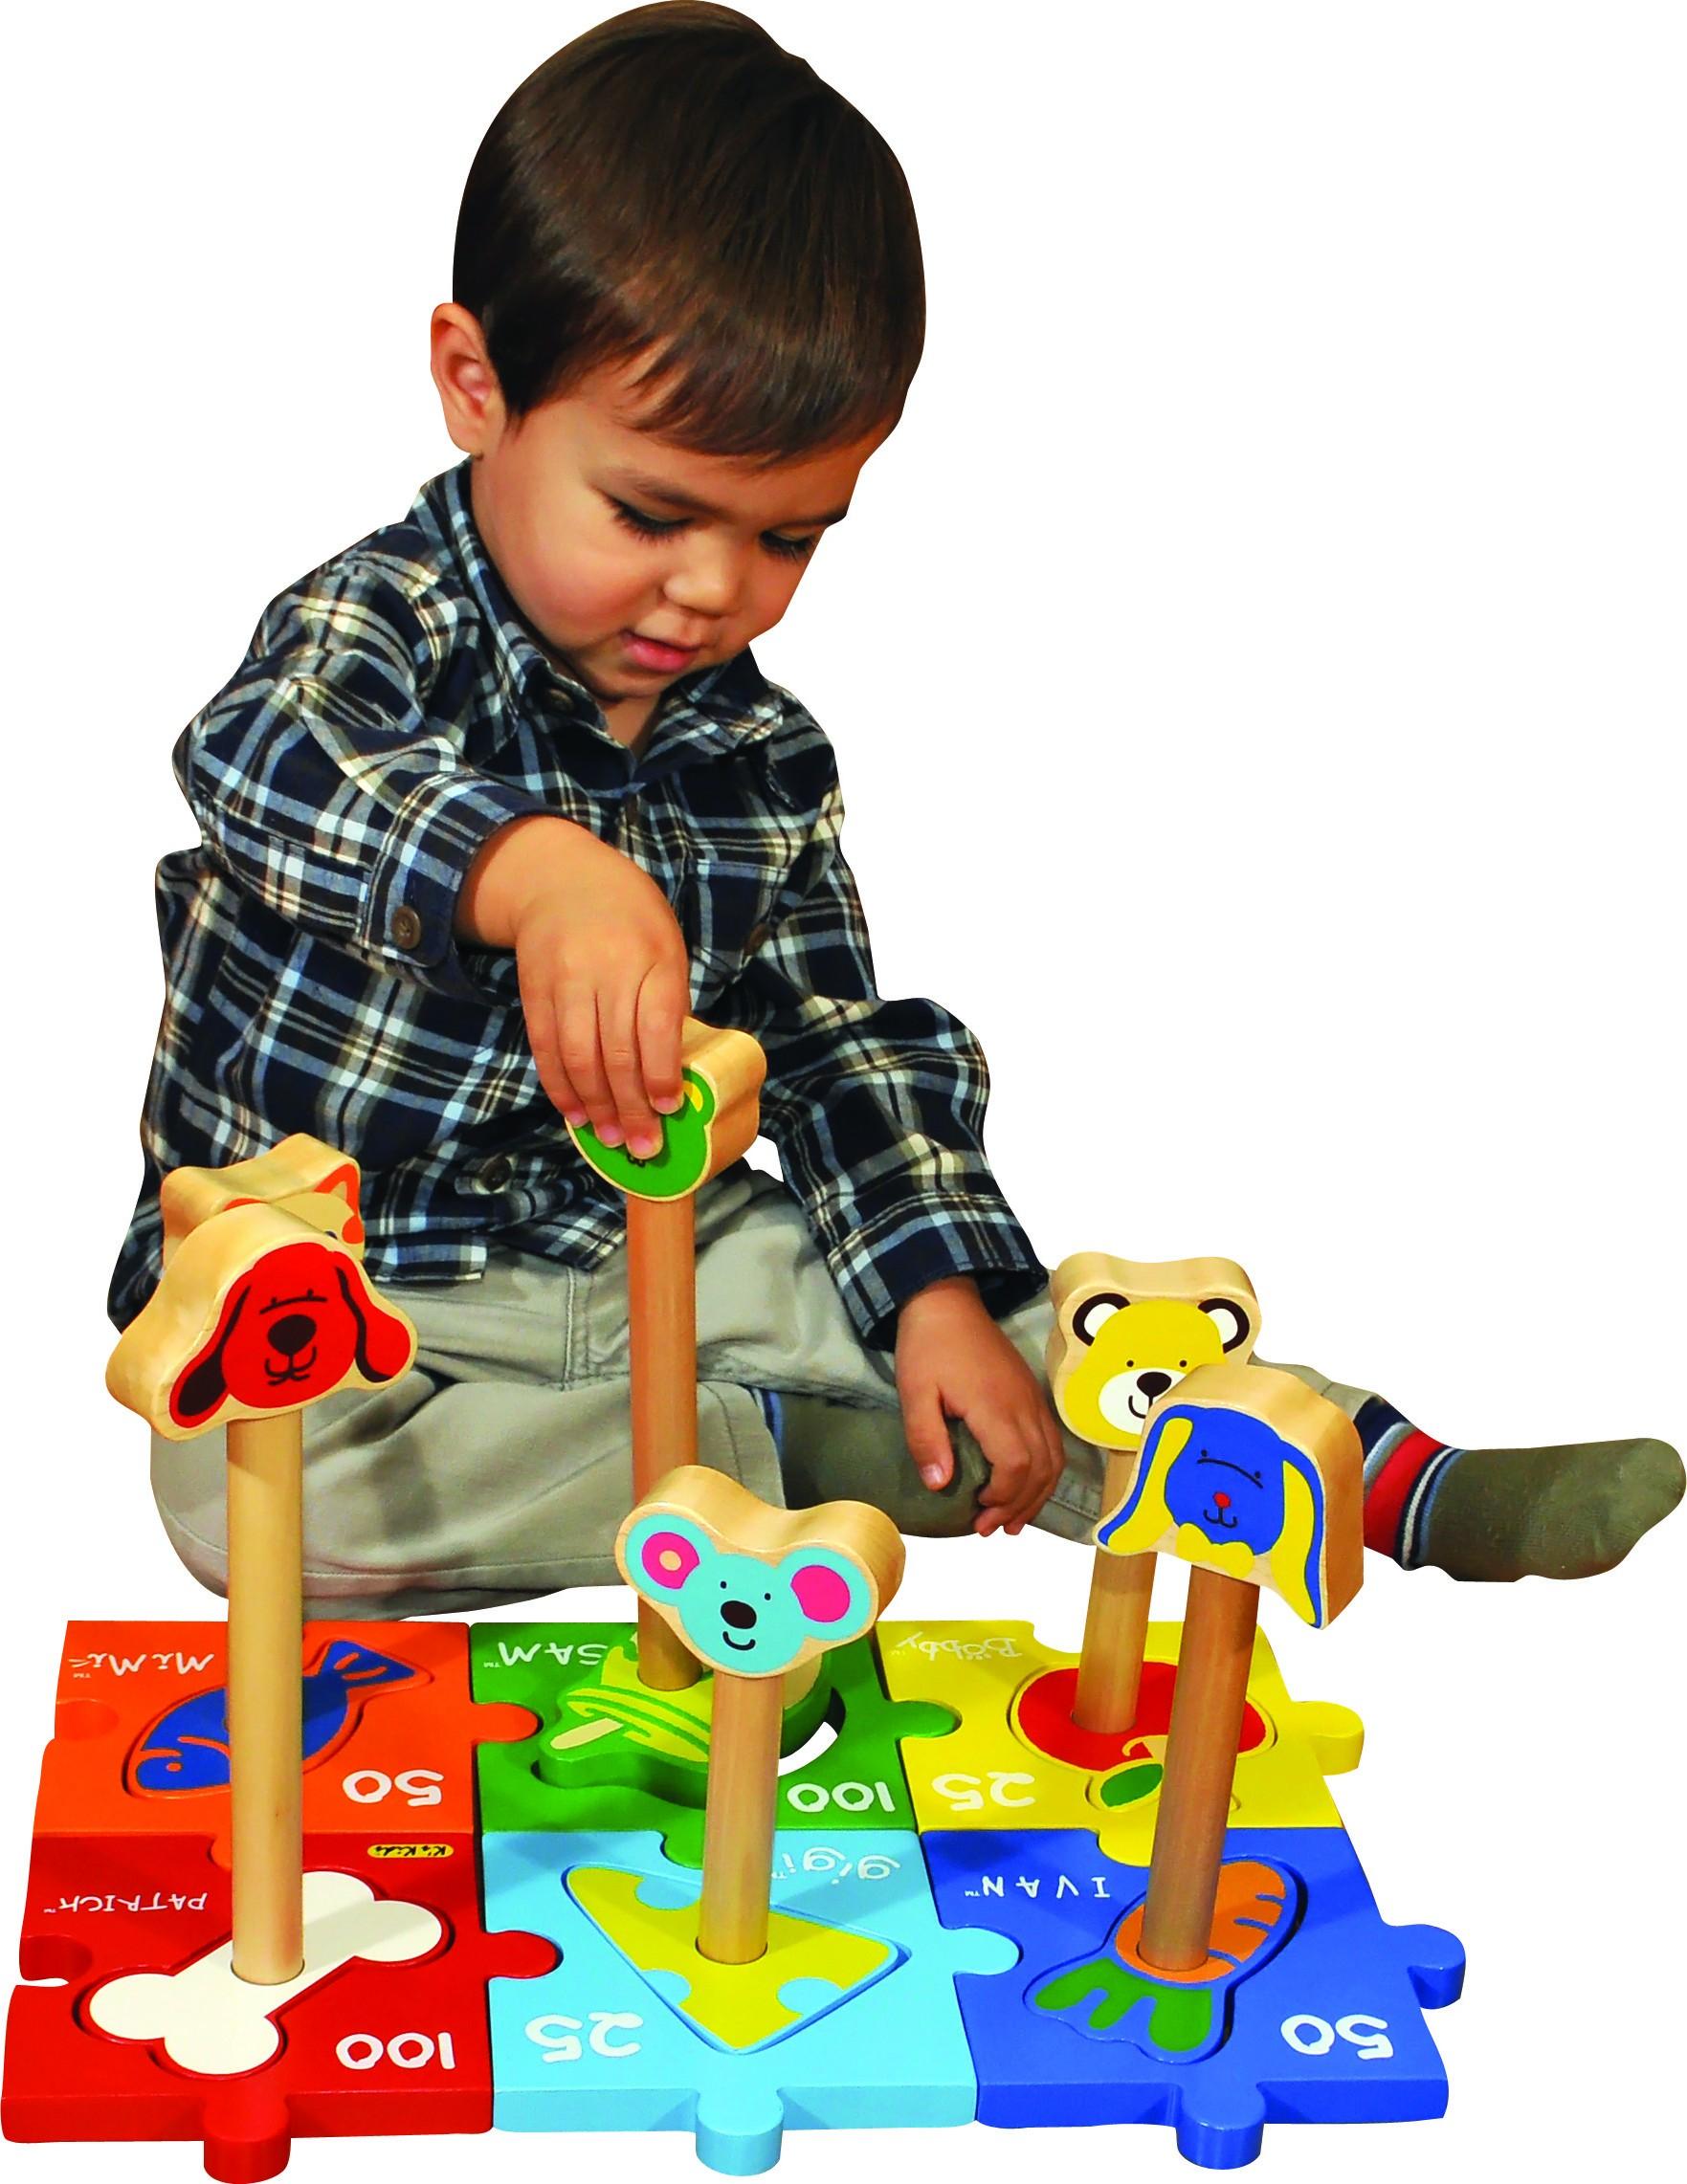 Как выбрать безопасные детские игрушки